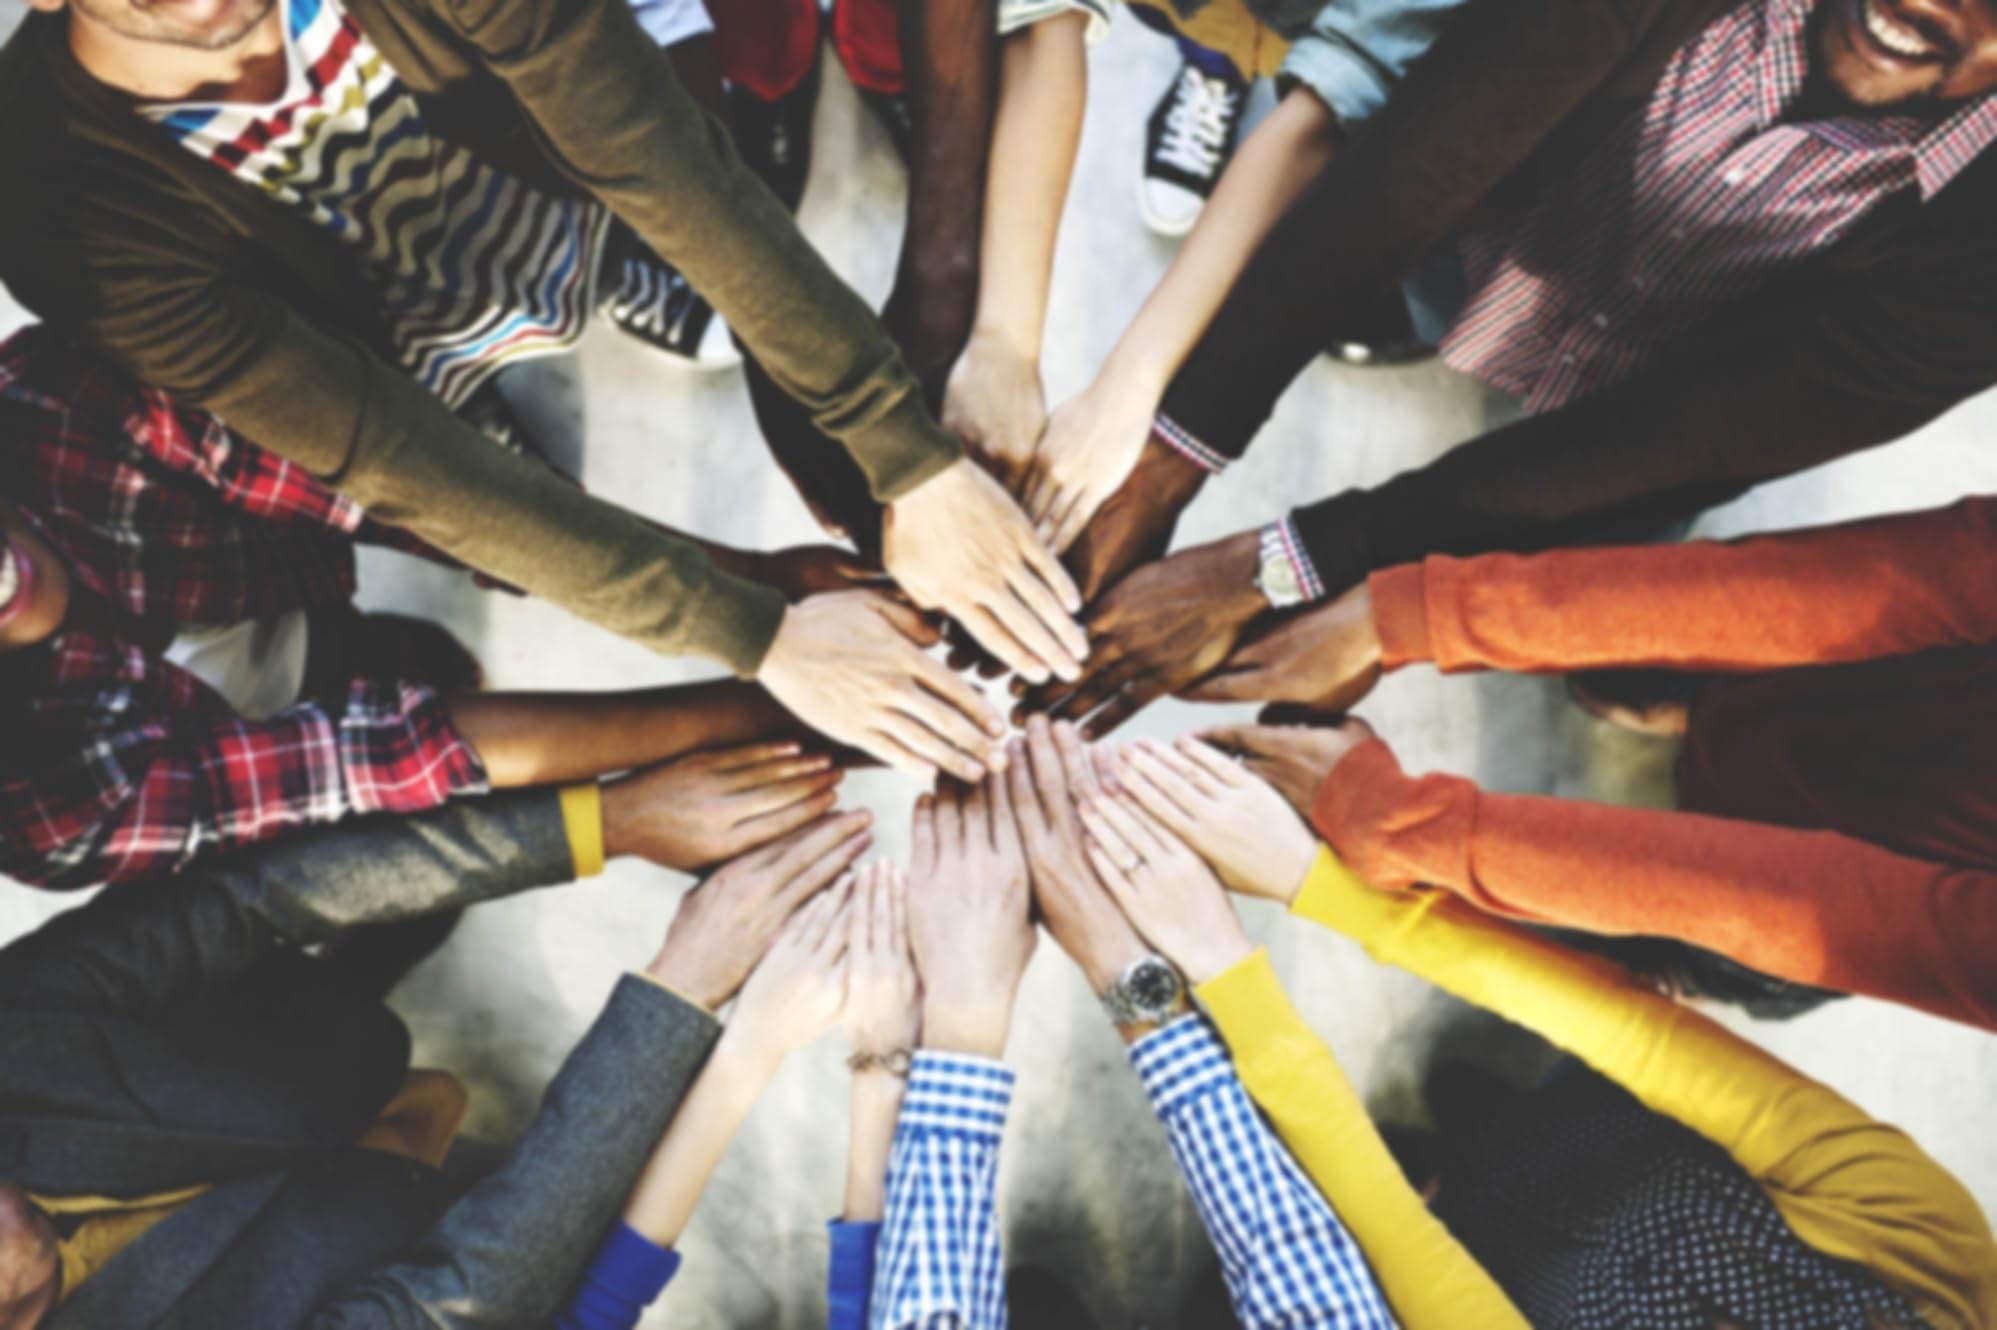 Plusieurs personnes ajoutent leurs mains dans un cercle.